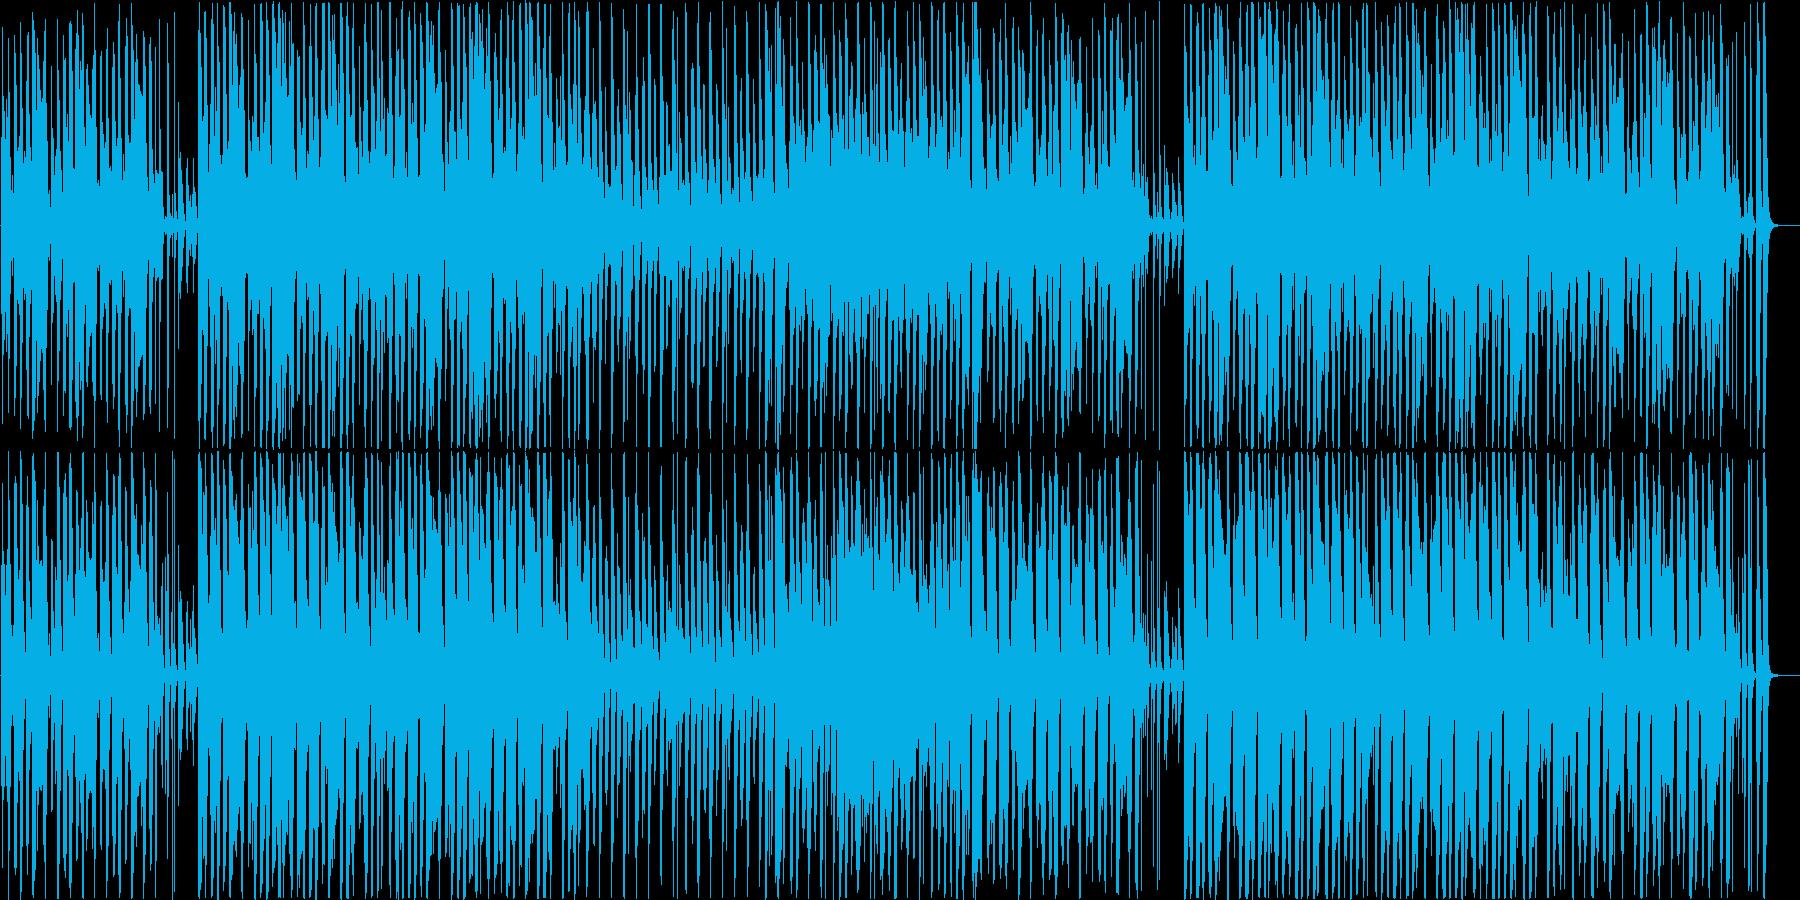 ファニーで穏やかなアコースティック♪の再生済みの波形